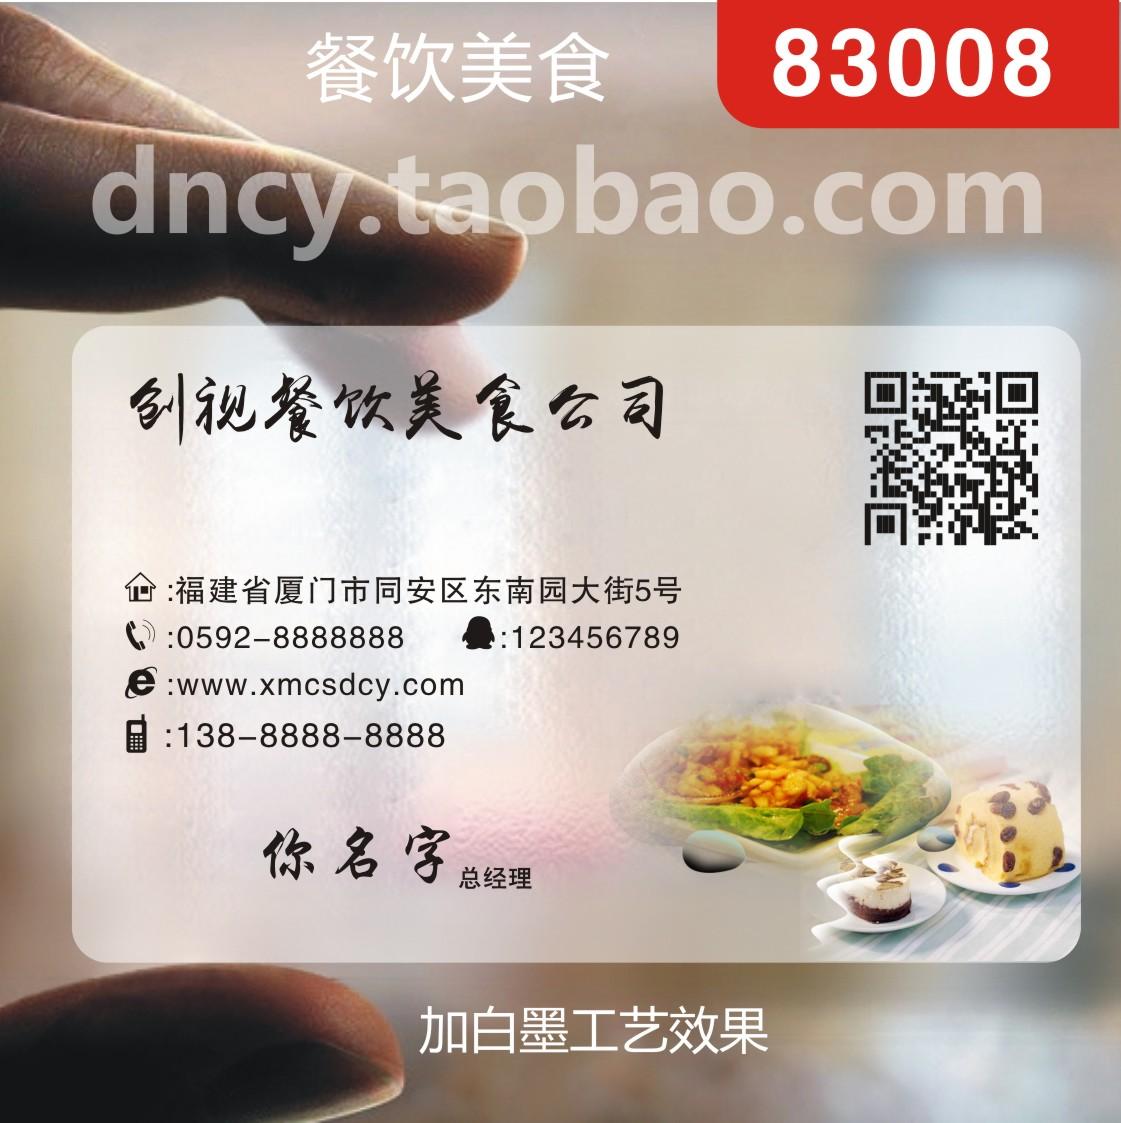 PVC in thẻ kinh doanh in ấn tùy chỉnh mực trắng grit tốt cát nhựa hai chiều mã thương mại điện tử thực phẩm và nước giải khát